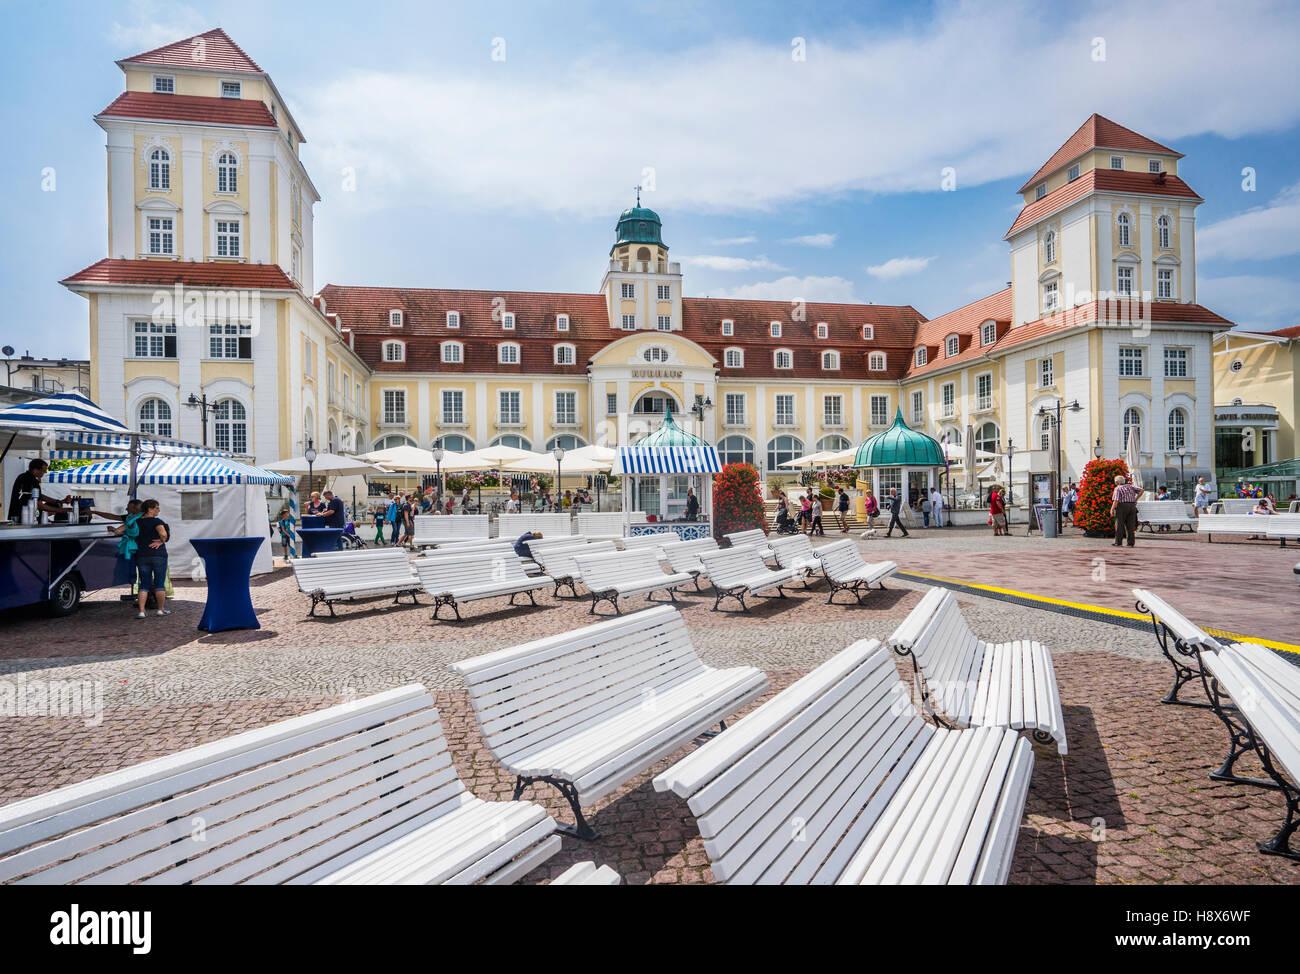 Grand Hotel Kurhaus Ostseebad Binz auf der Insel Rügen ...